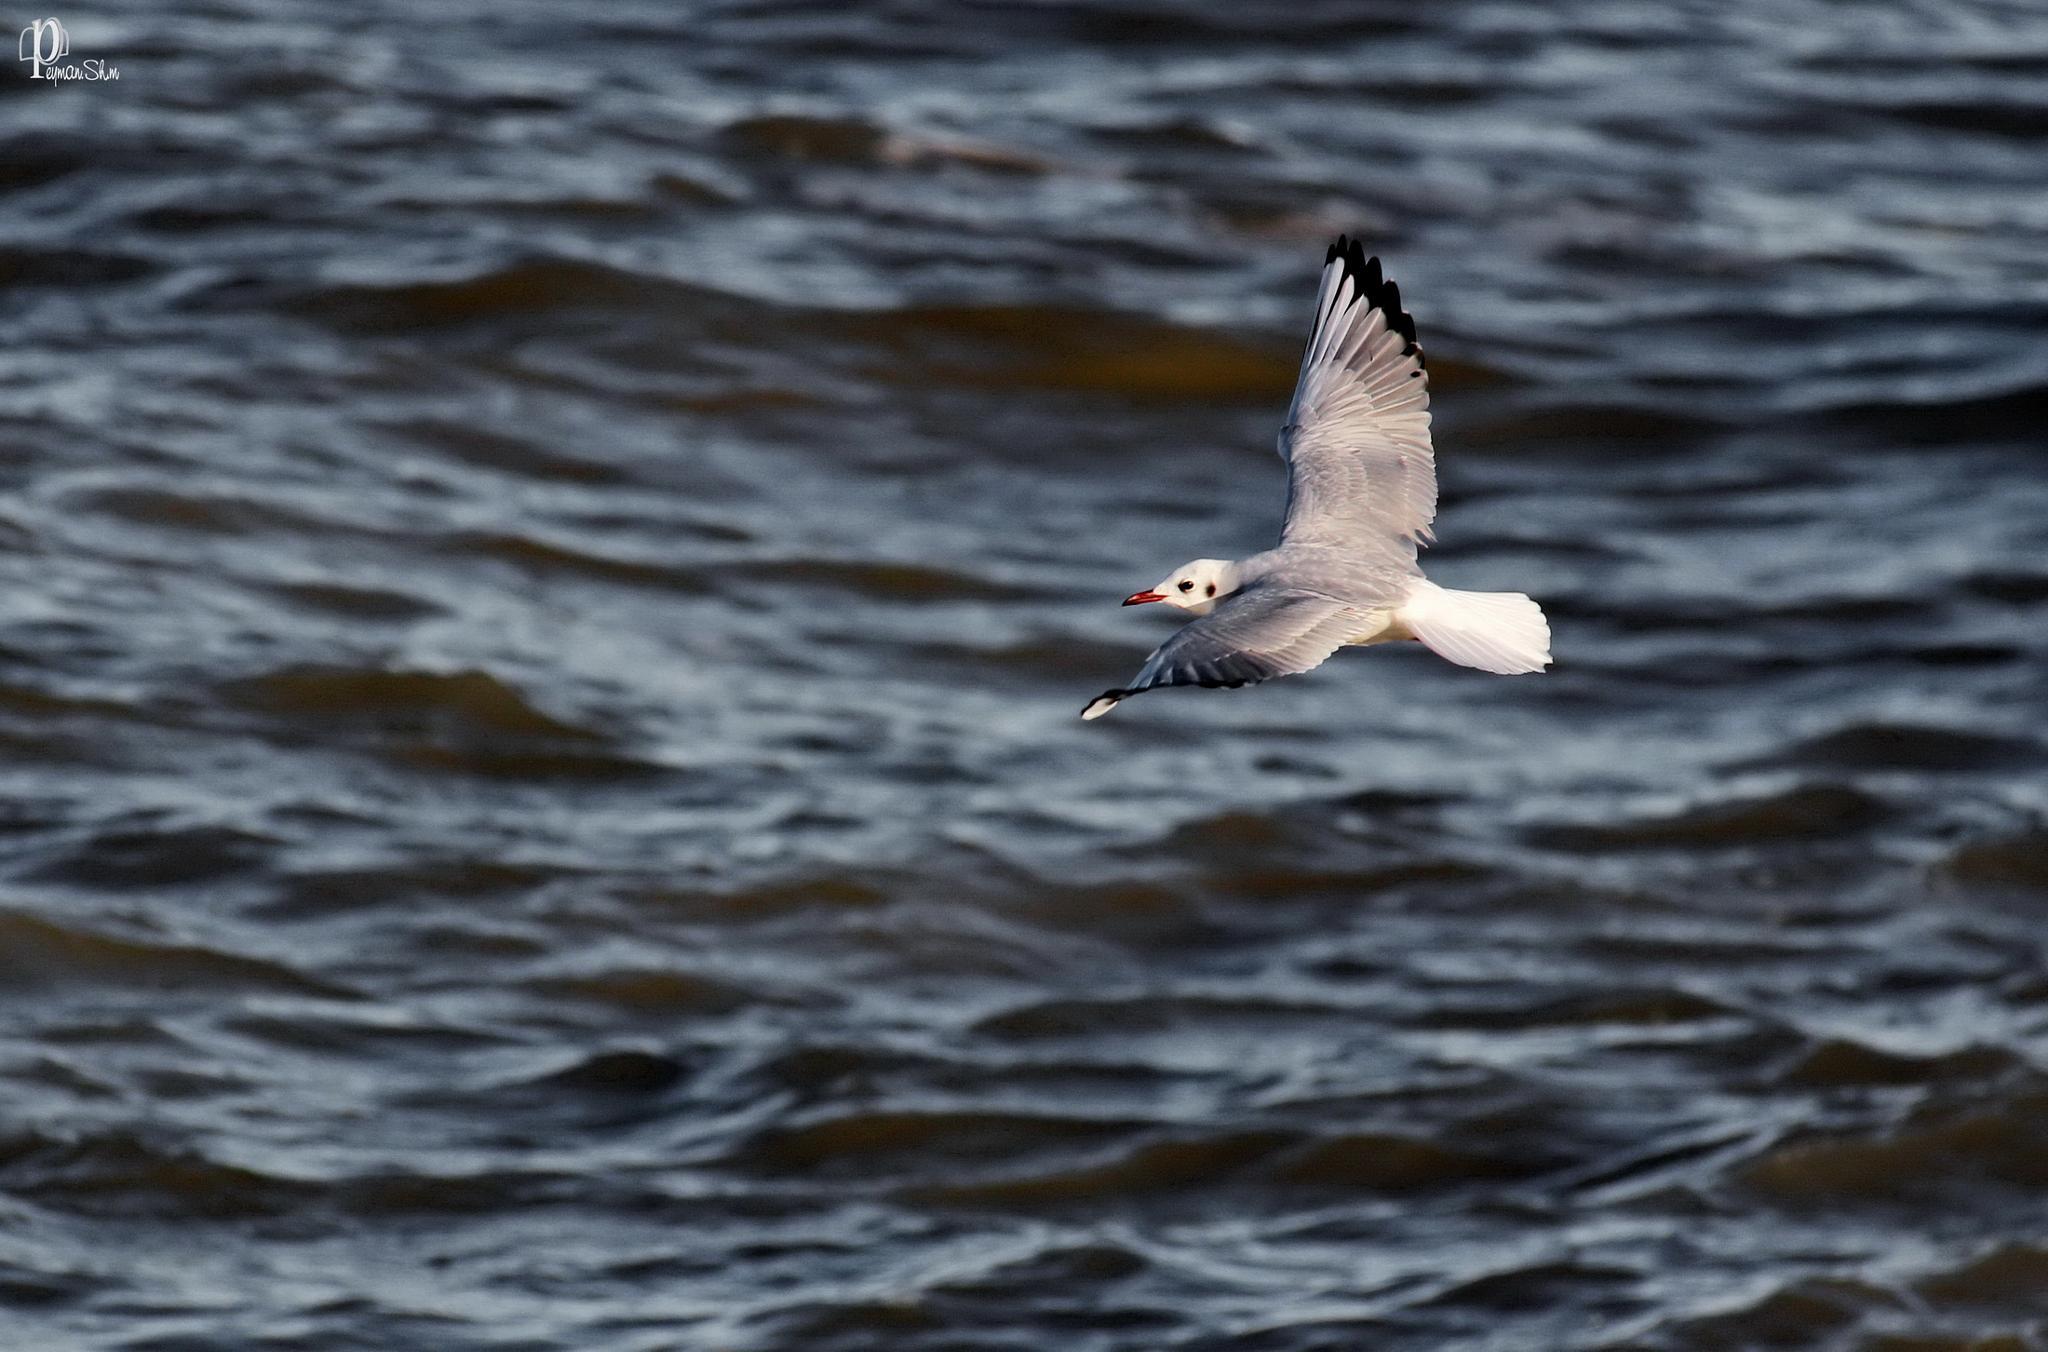 Fly by Peyman shm